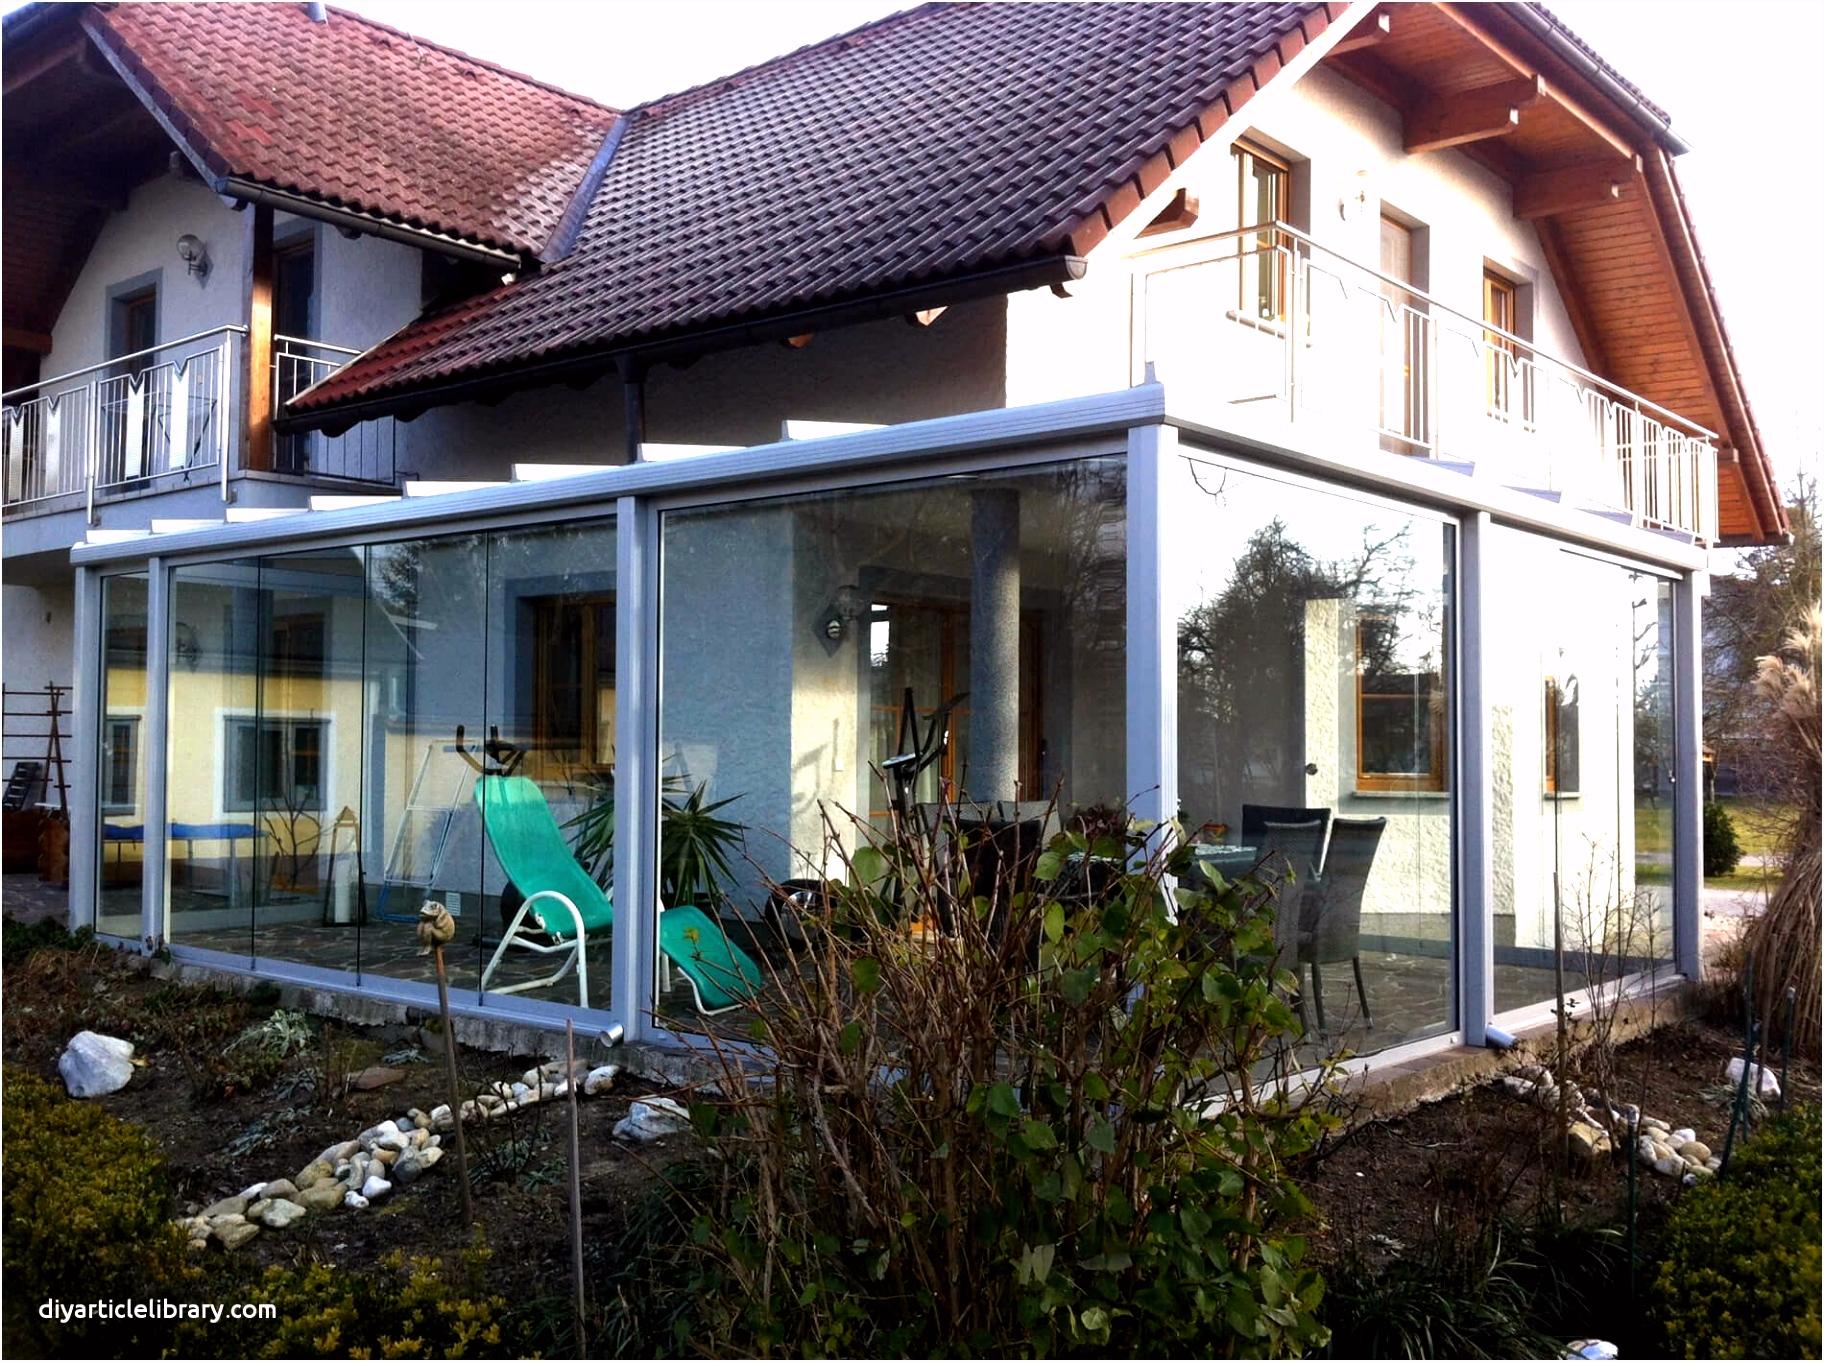 87 Einzigartigbilder Das Haus Mit Anbau